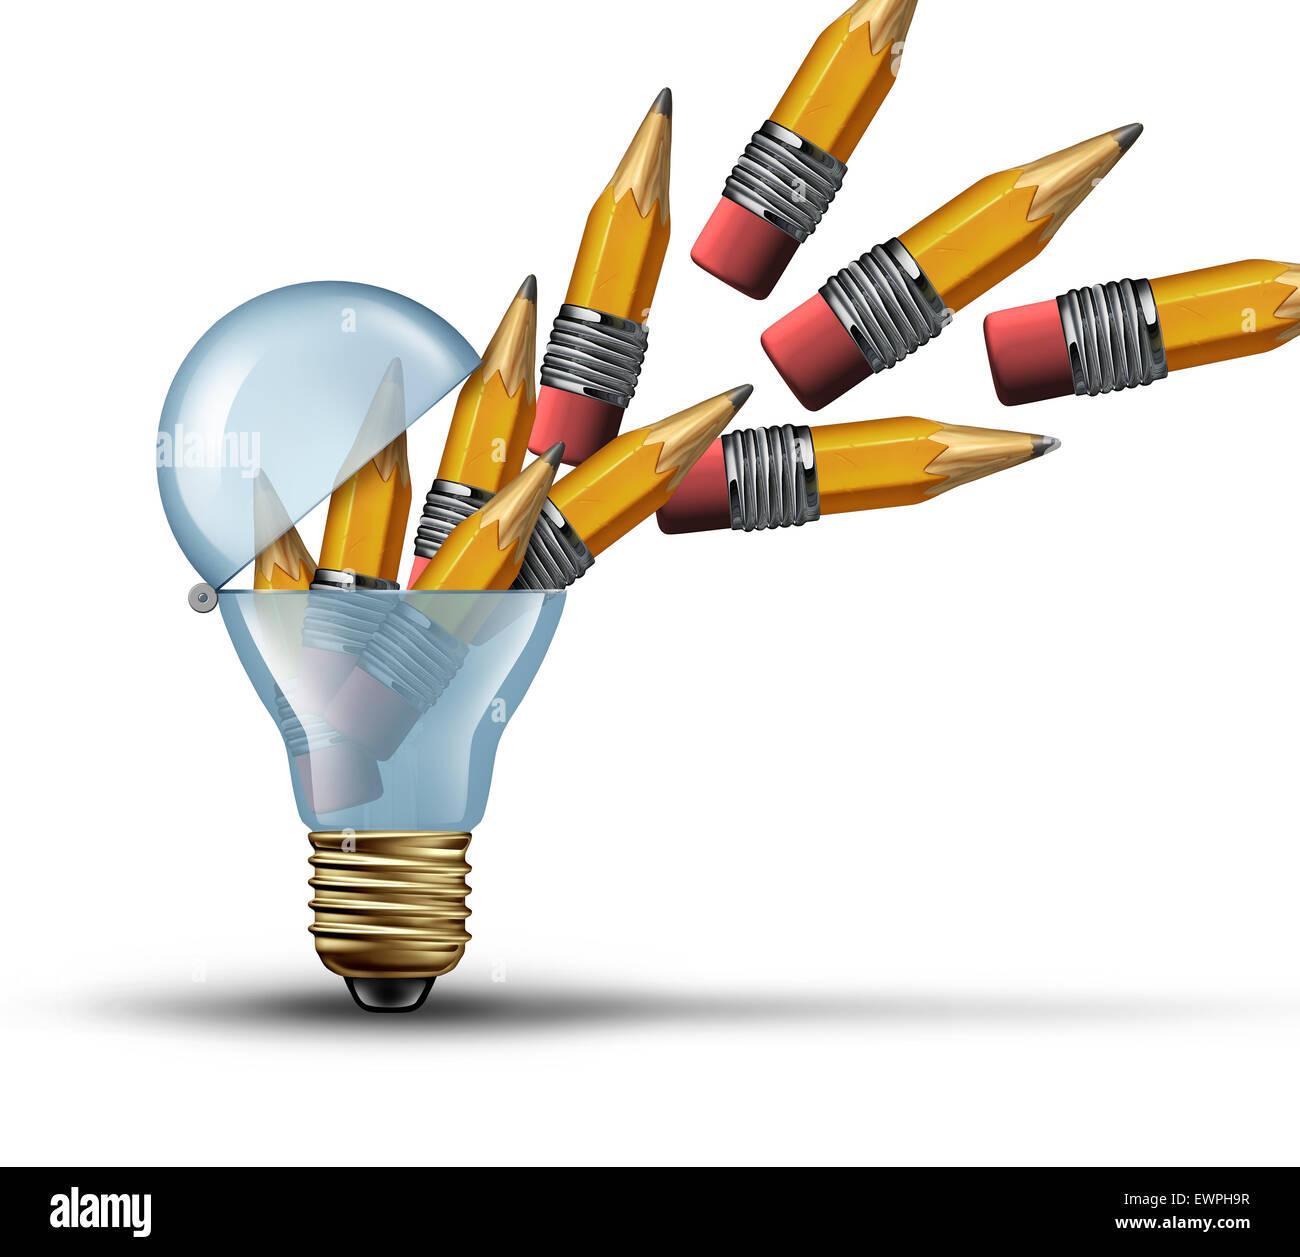 La imaginación y la creatividad como un concepto abierto de bombilla o símbolo de bombilla para pensar Imagen De Stock